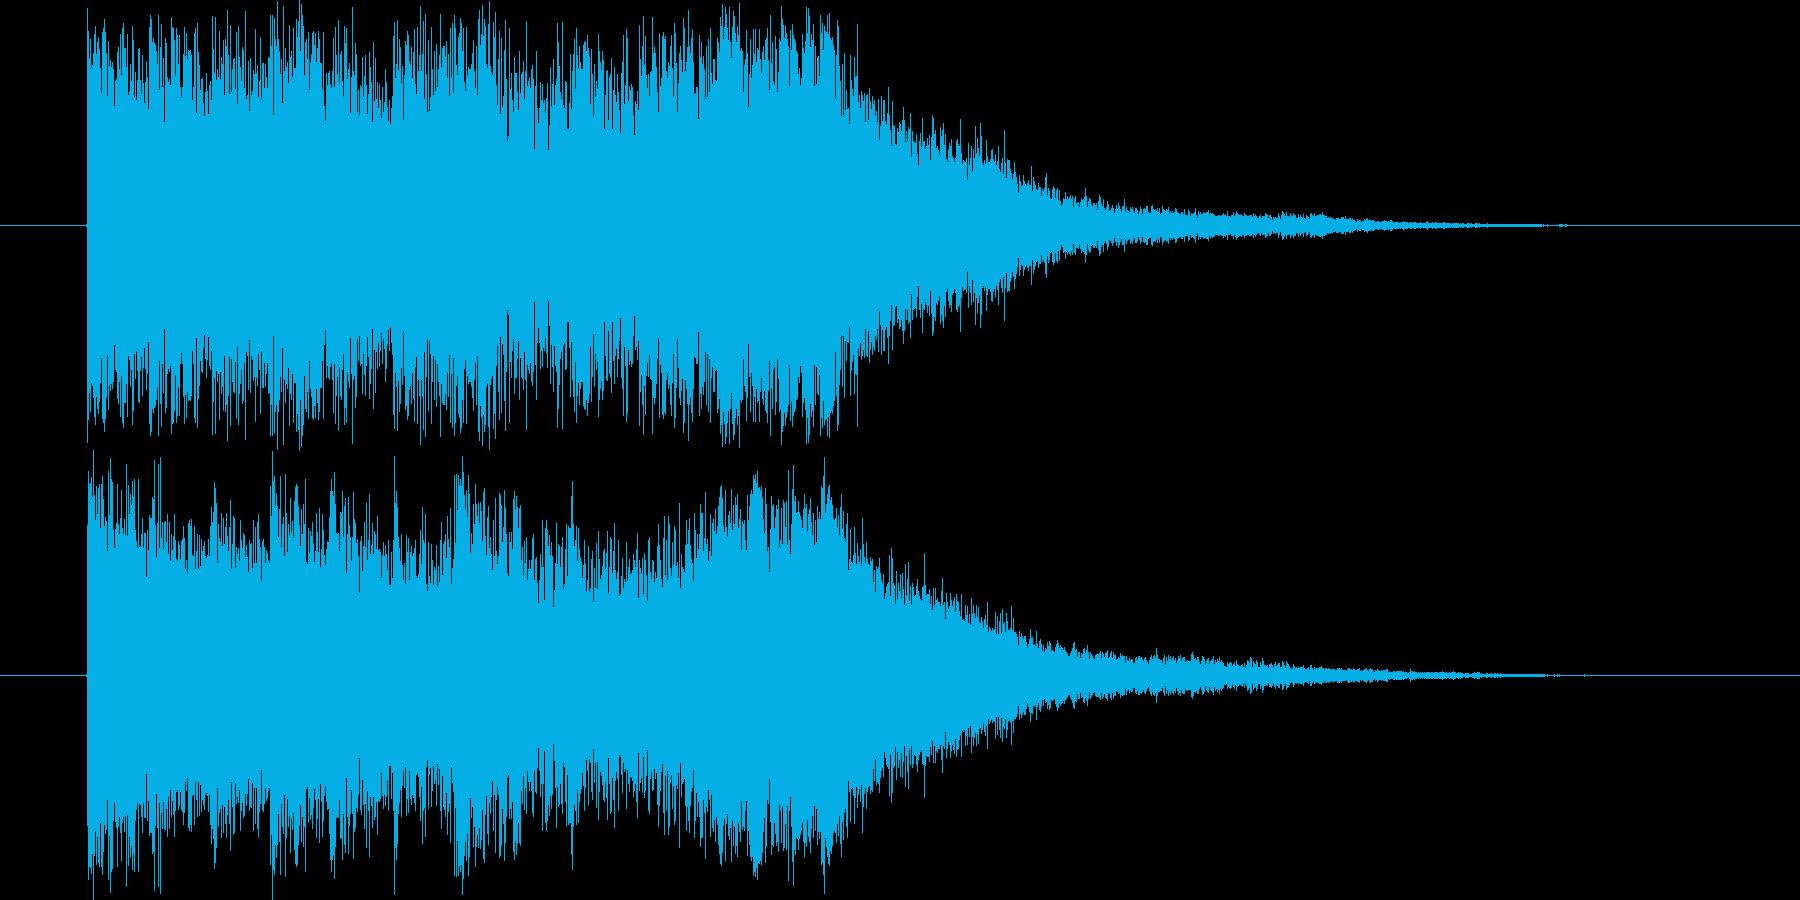 和楽器とオーケストラによる和風な効果音の再生済みの波形